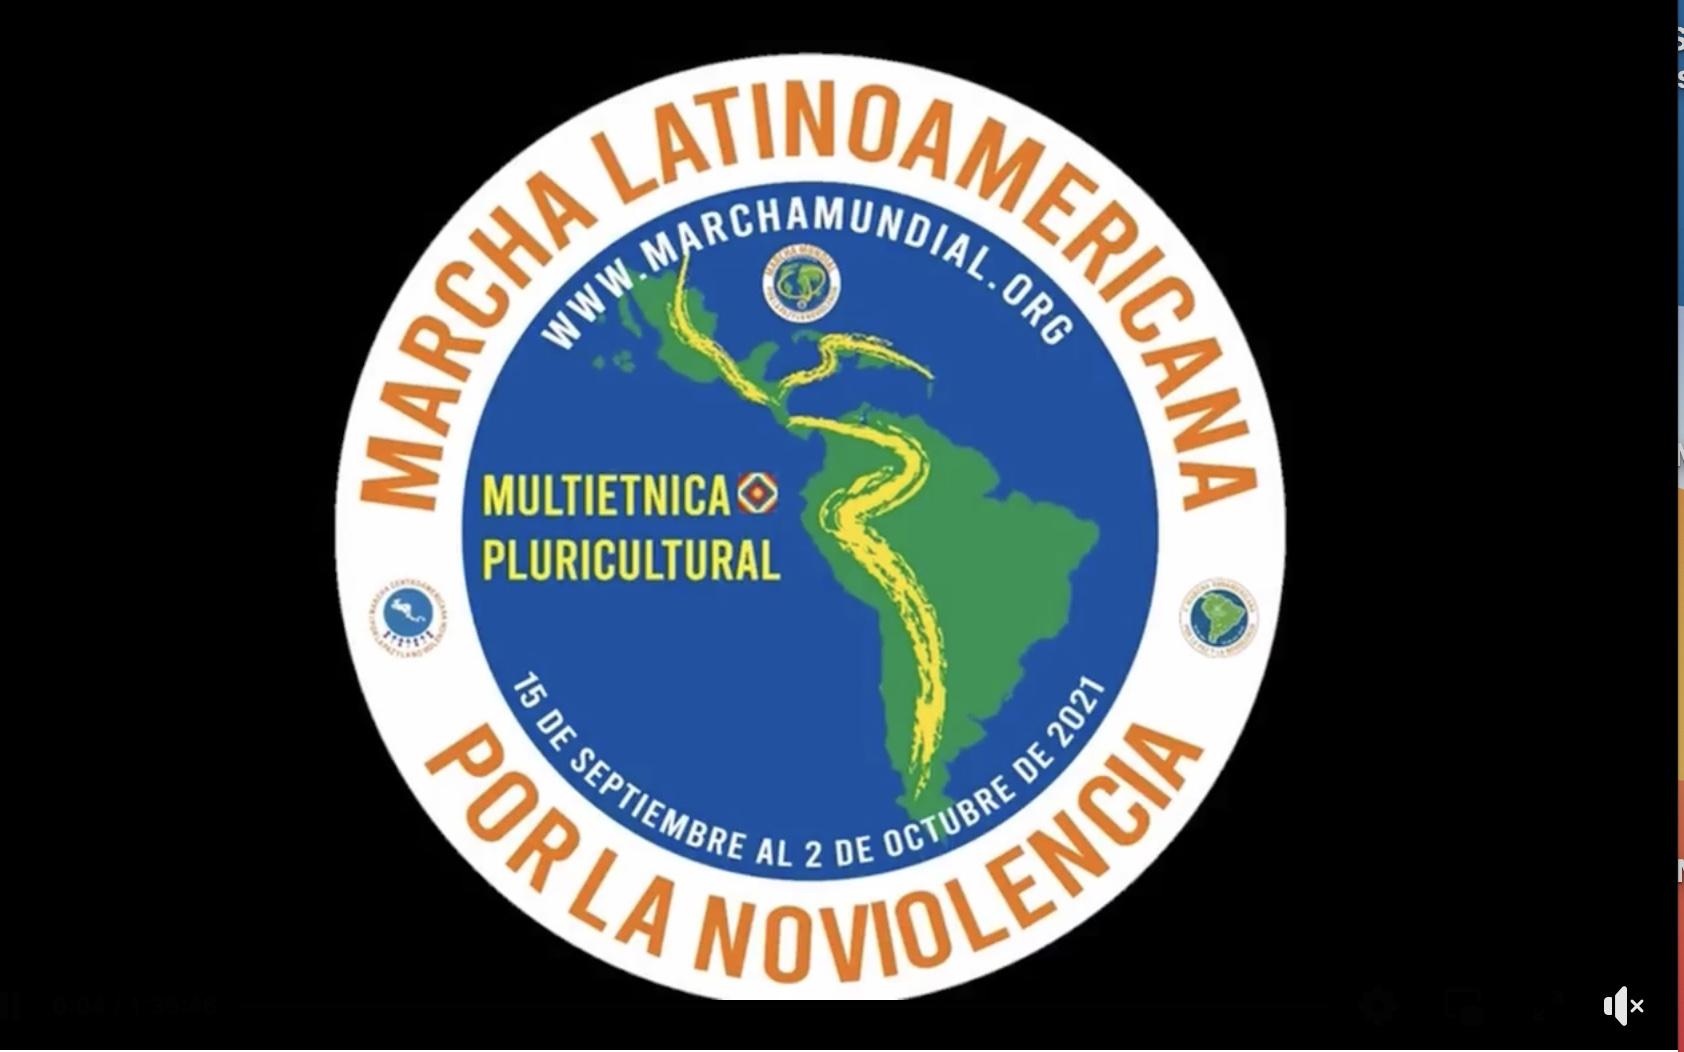 Exitoso inicio y profusión de actividades en la Marcha Latinoamericana por la Noviolencia